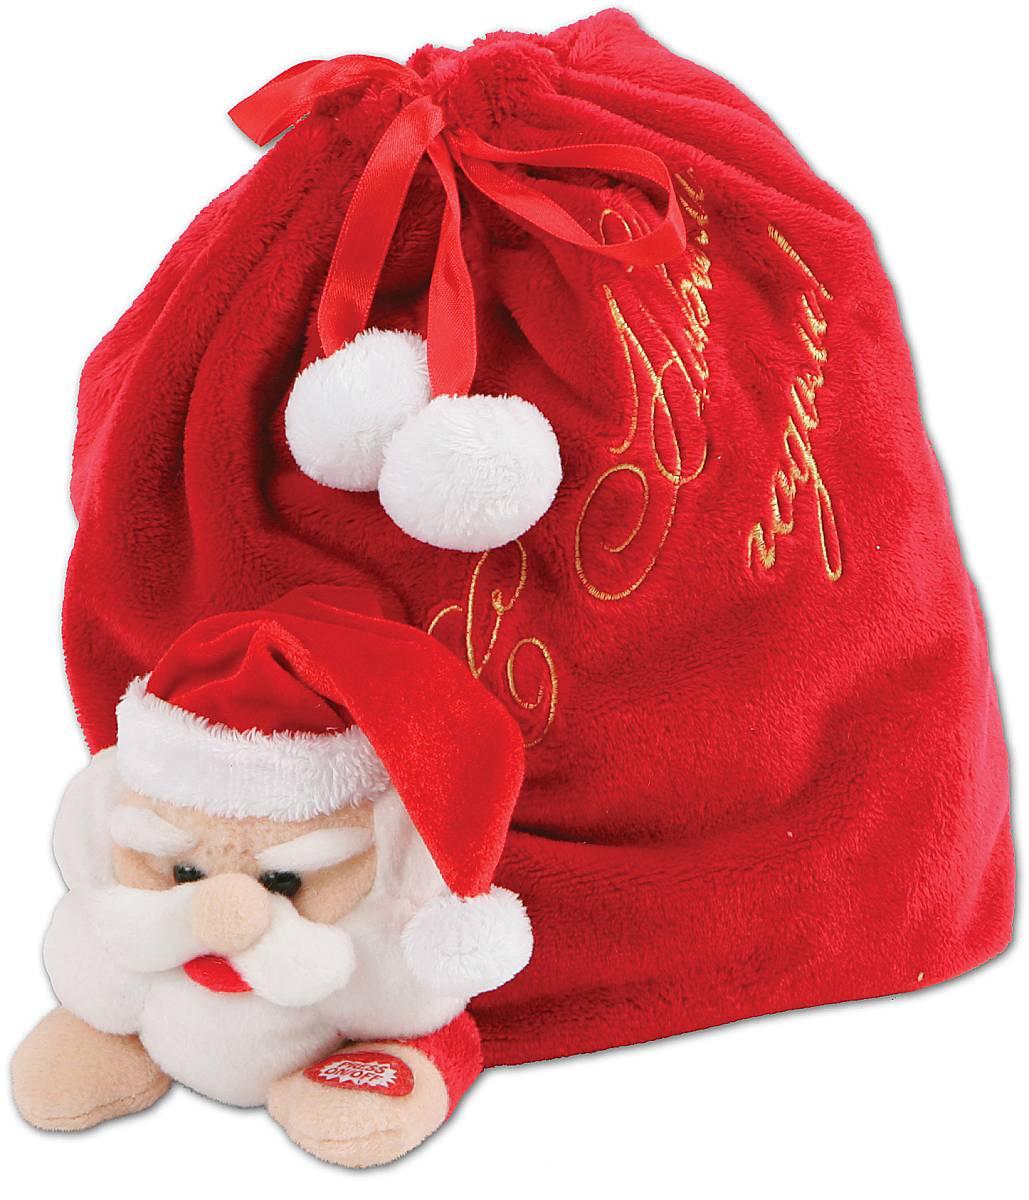 Мешок для подарков Mister Christmas С Новым годом, длина 22 смSS-76/1Купили новогодний подарок, но не знаете, как егоупаковать? Оригинальной упаковкой станет новогодниймузыкальный мешок для подарков Mister Christmas СНовым годом. Он уже выглядит как подарок благодарясвоей функциональности. Он представляет собойкомпозицию: Дед Мороз, который несет огромный мешокс подарками. А если пожать руку Дедушке Морозу, тоон начнет издавать забавные звуки. Музыкальный мешоксделан из качественного мягкого текстиля красногоцвета, очень приятного на ощупь. Закрывается припомощи атласных тесемок, украшенных белымипушистыми помпонами. Он напоминает плюшевуюигрушку.Новогодний музыкальный мешок для подарков MisterChristmas подойдет для упаковки небольшихсимволических или весьма дорогих сюрпризов. Получитьподарок в такой уникальной и модной упаковке будетприятно как детям, так и взрослым. Никто не останетсяравнодушным и каждый обязательно будет тронут такимзнаком внимания.